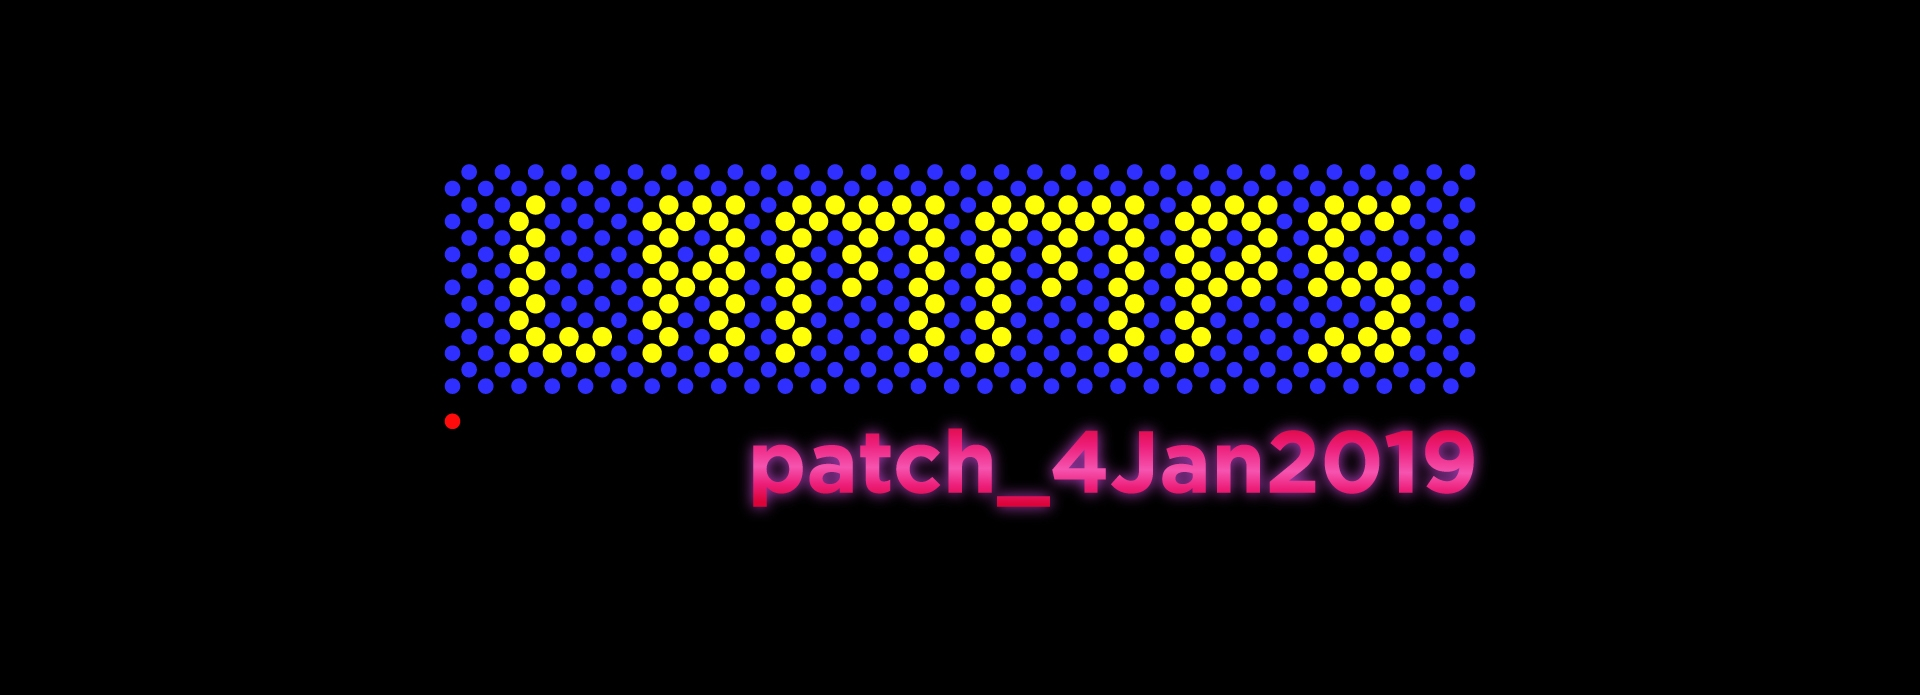 LAMMPS-patch-Jan4-2019.jpg